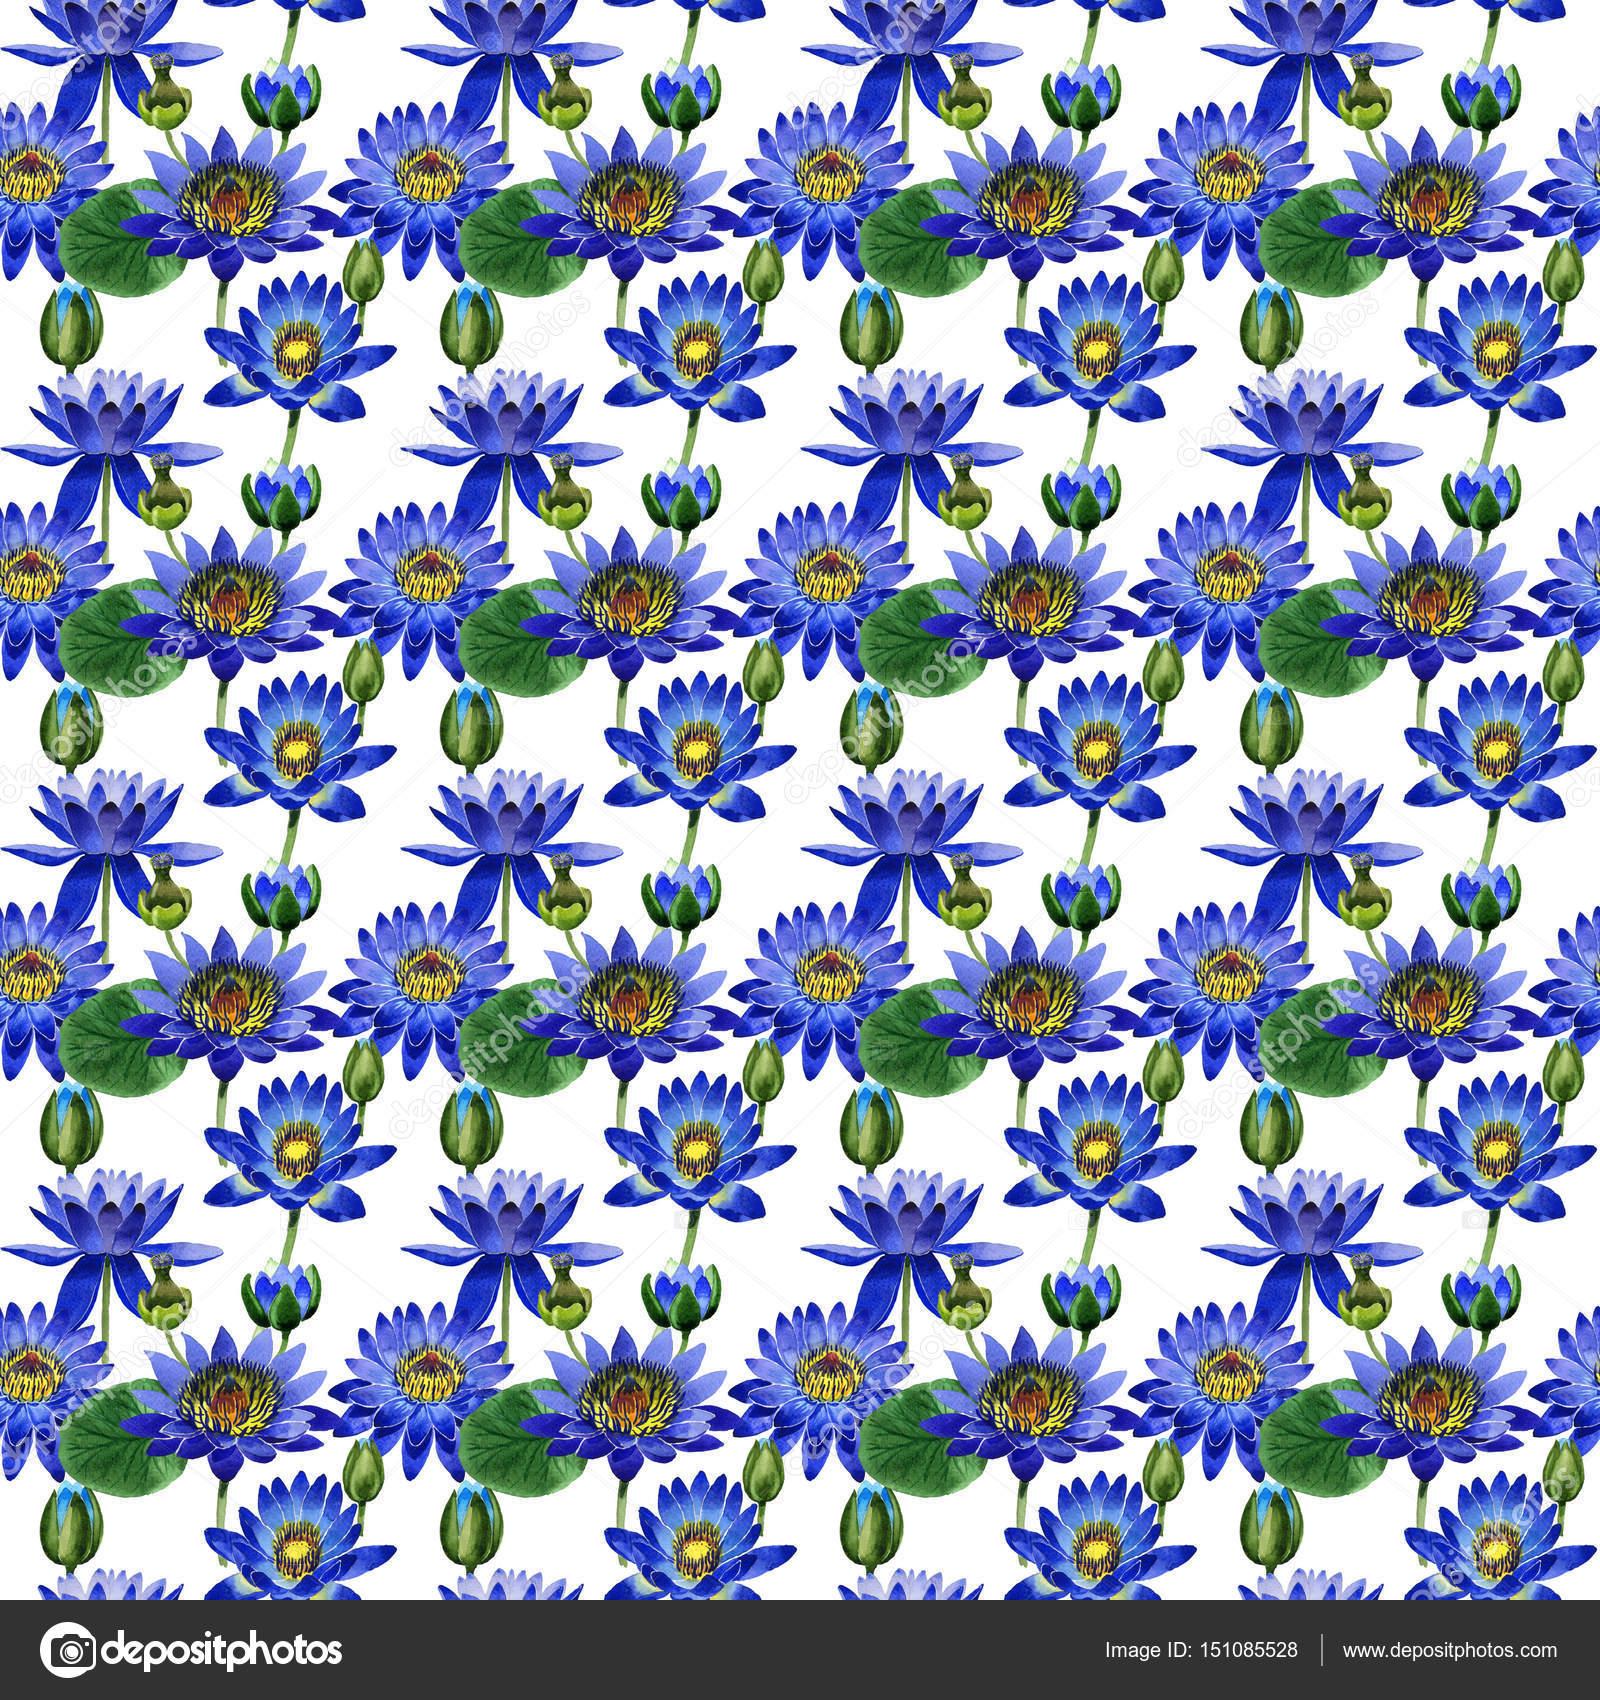 Wildflower blue lotus flower pattern in a watercolor style isolated wildflower blue lotus flower pattern in a watercolor style isolated stock photo izmirmasajfo